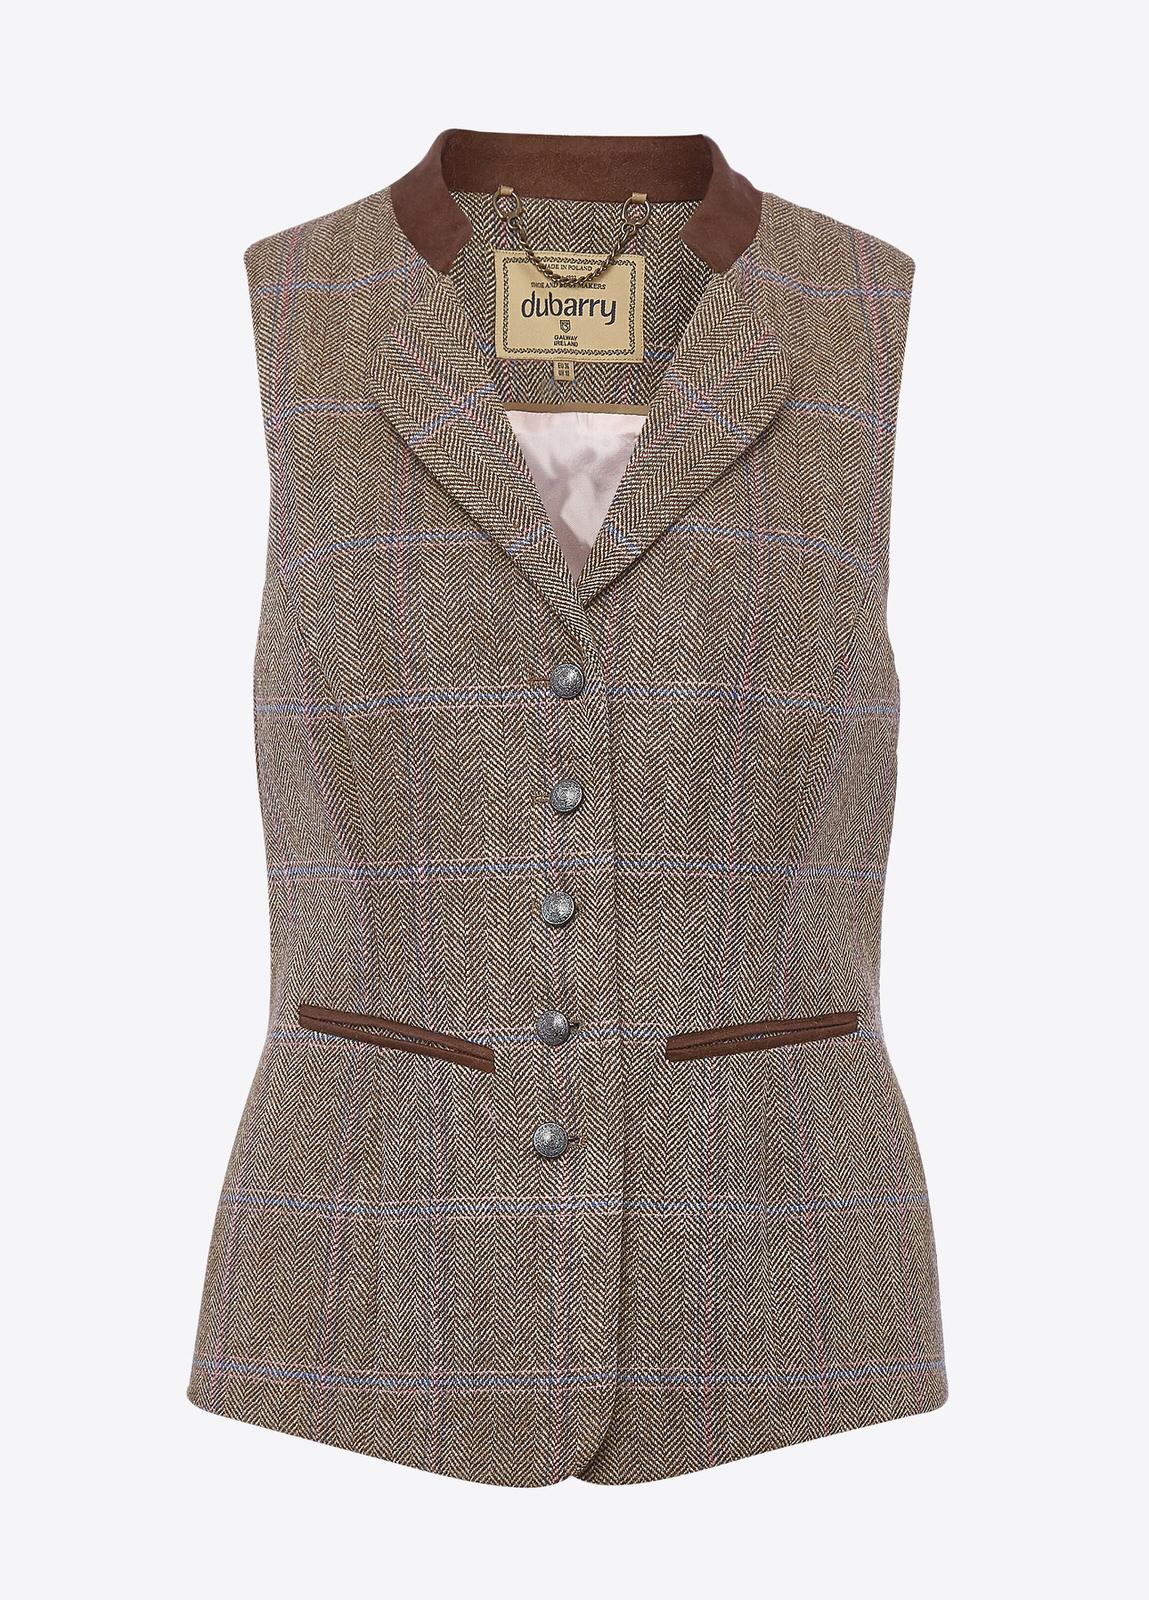 Spindle Tweed Waistcoat - Woodrose